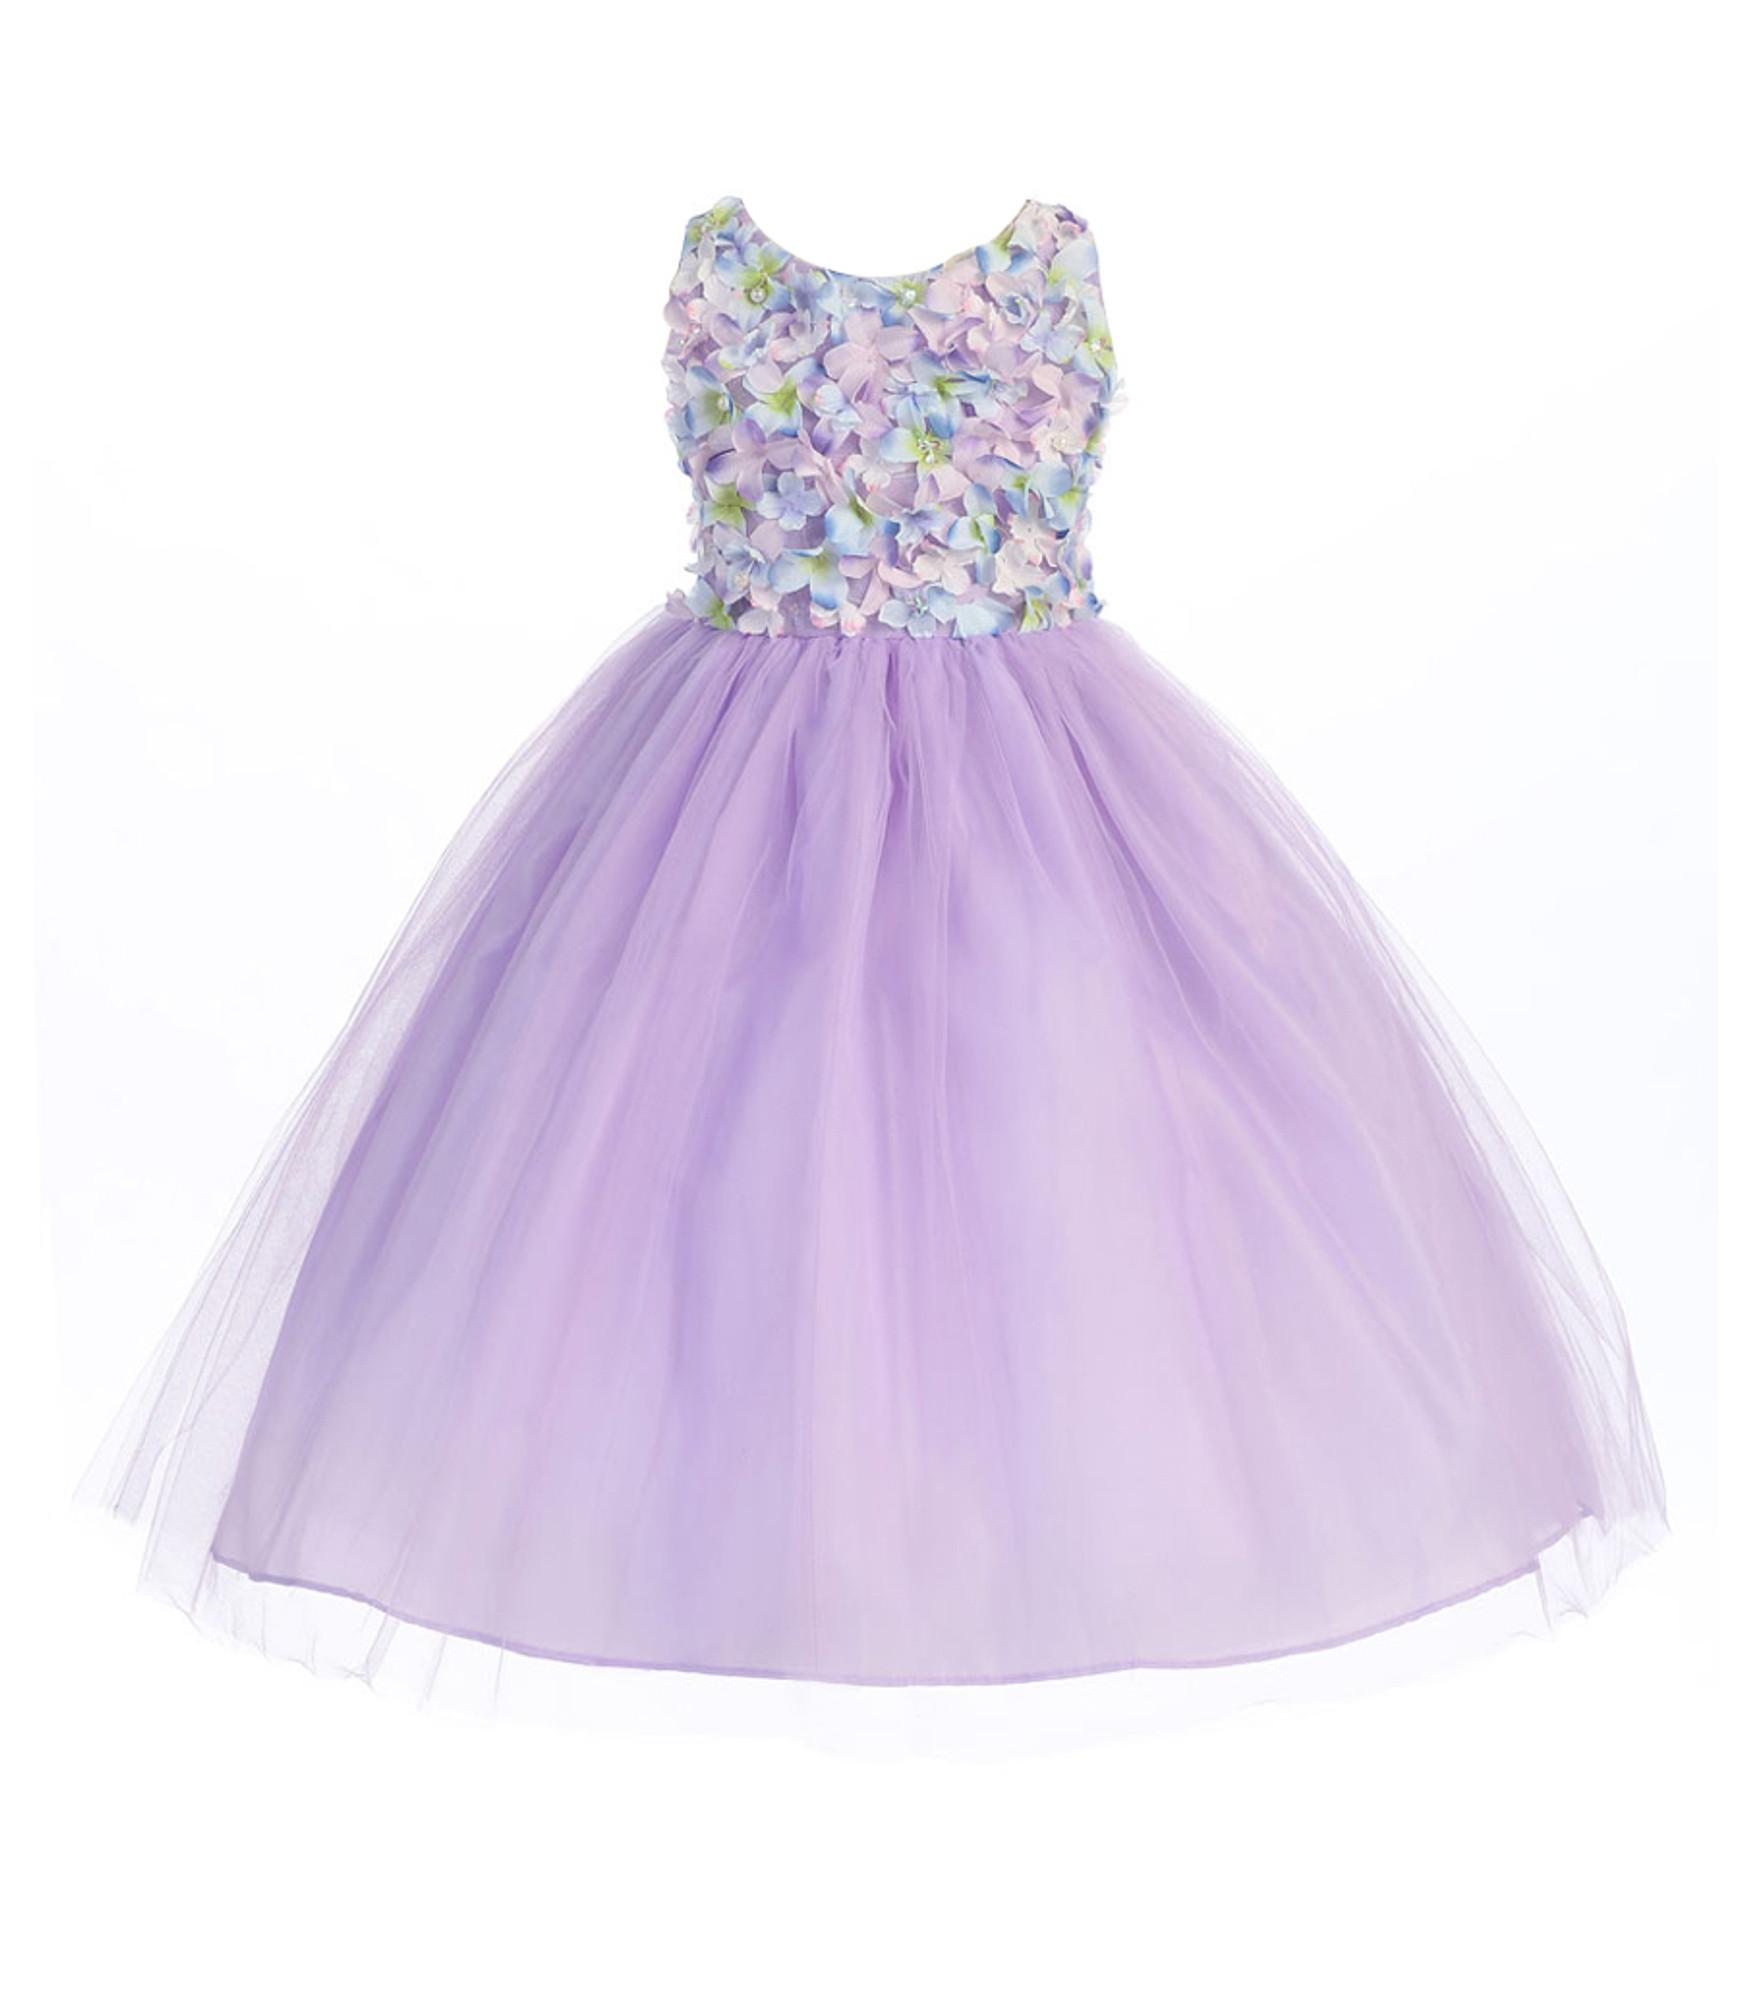 BIMARO Mädchen Kleid Rosalie flieder lila Blüten Perlen Tüll festlich Hochzeit Blumenmädchen Tüllkleid pastell